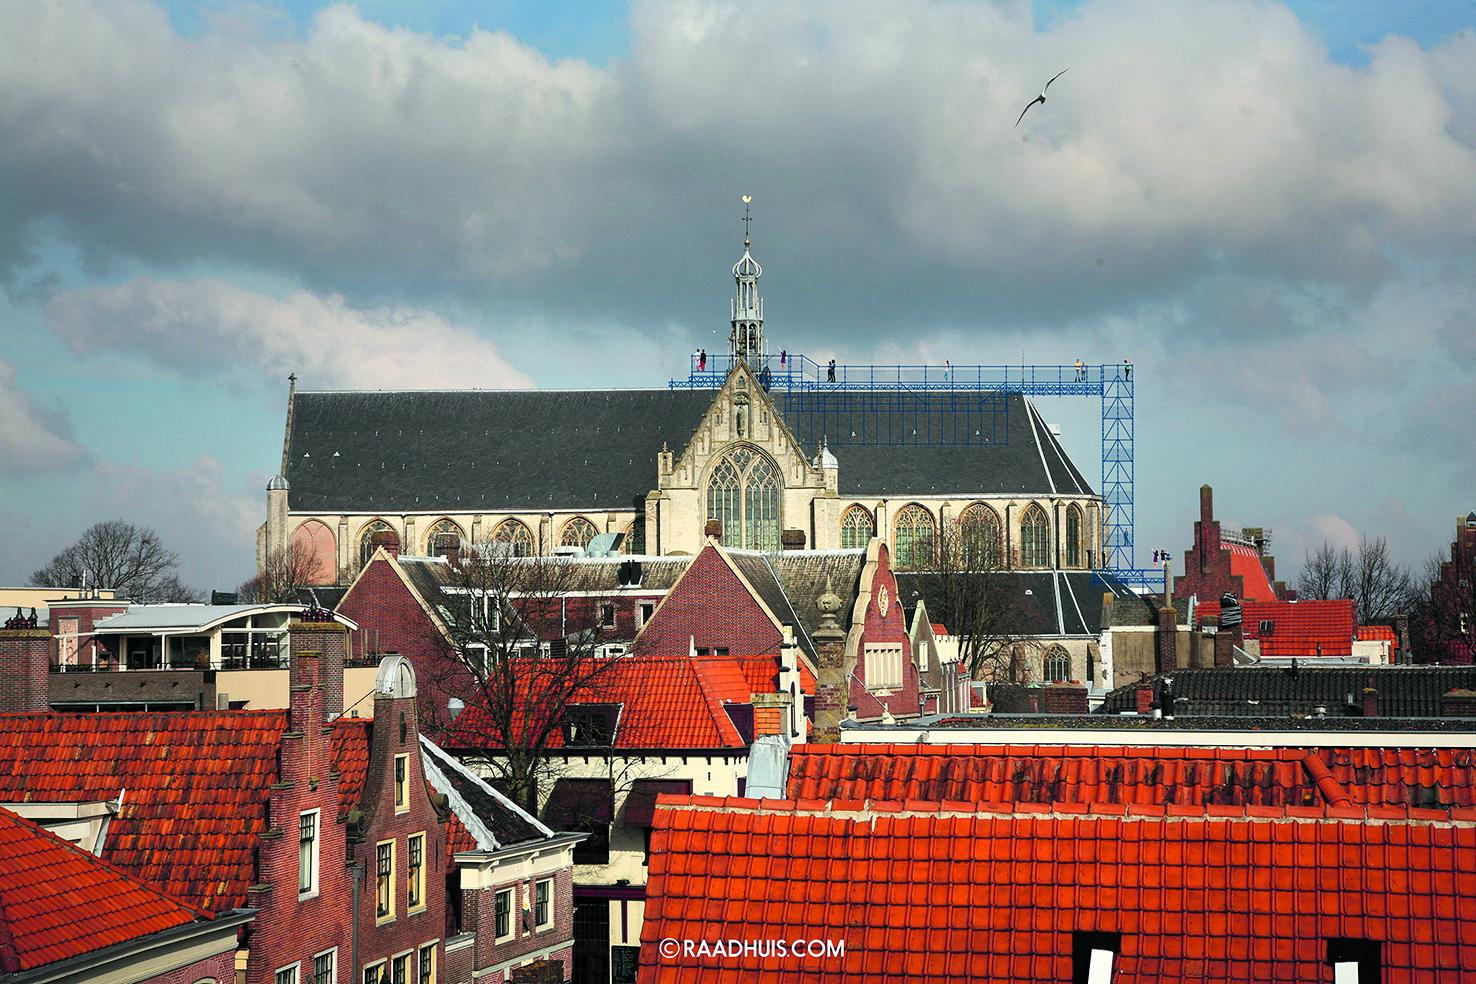 De Grote Kerk maakt zich op voor 'Klim naar de hemel' (Impressie: aangeleverd)